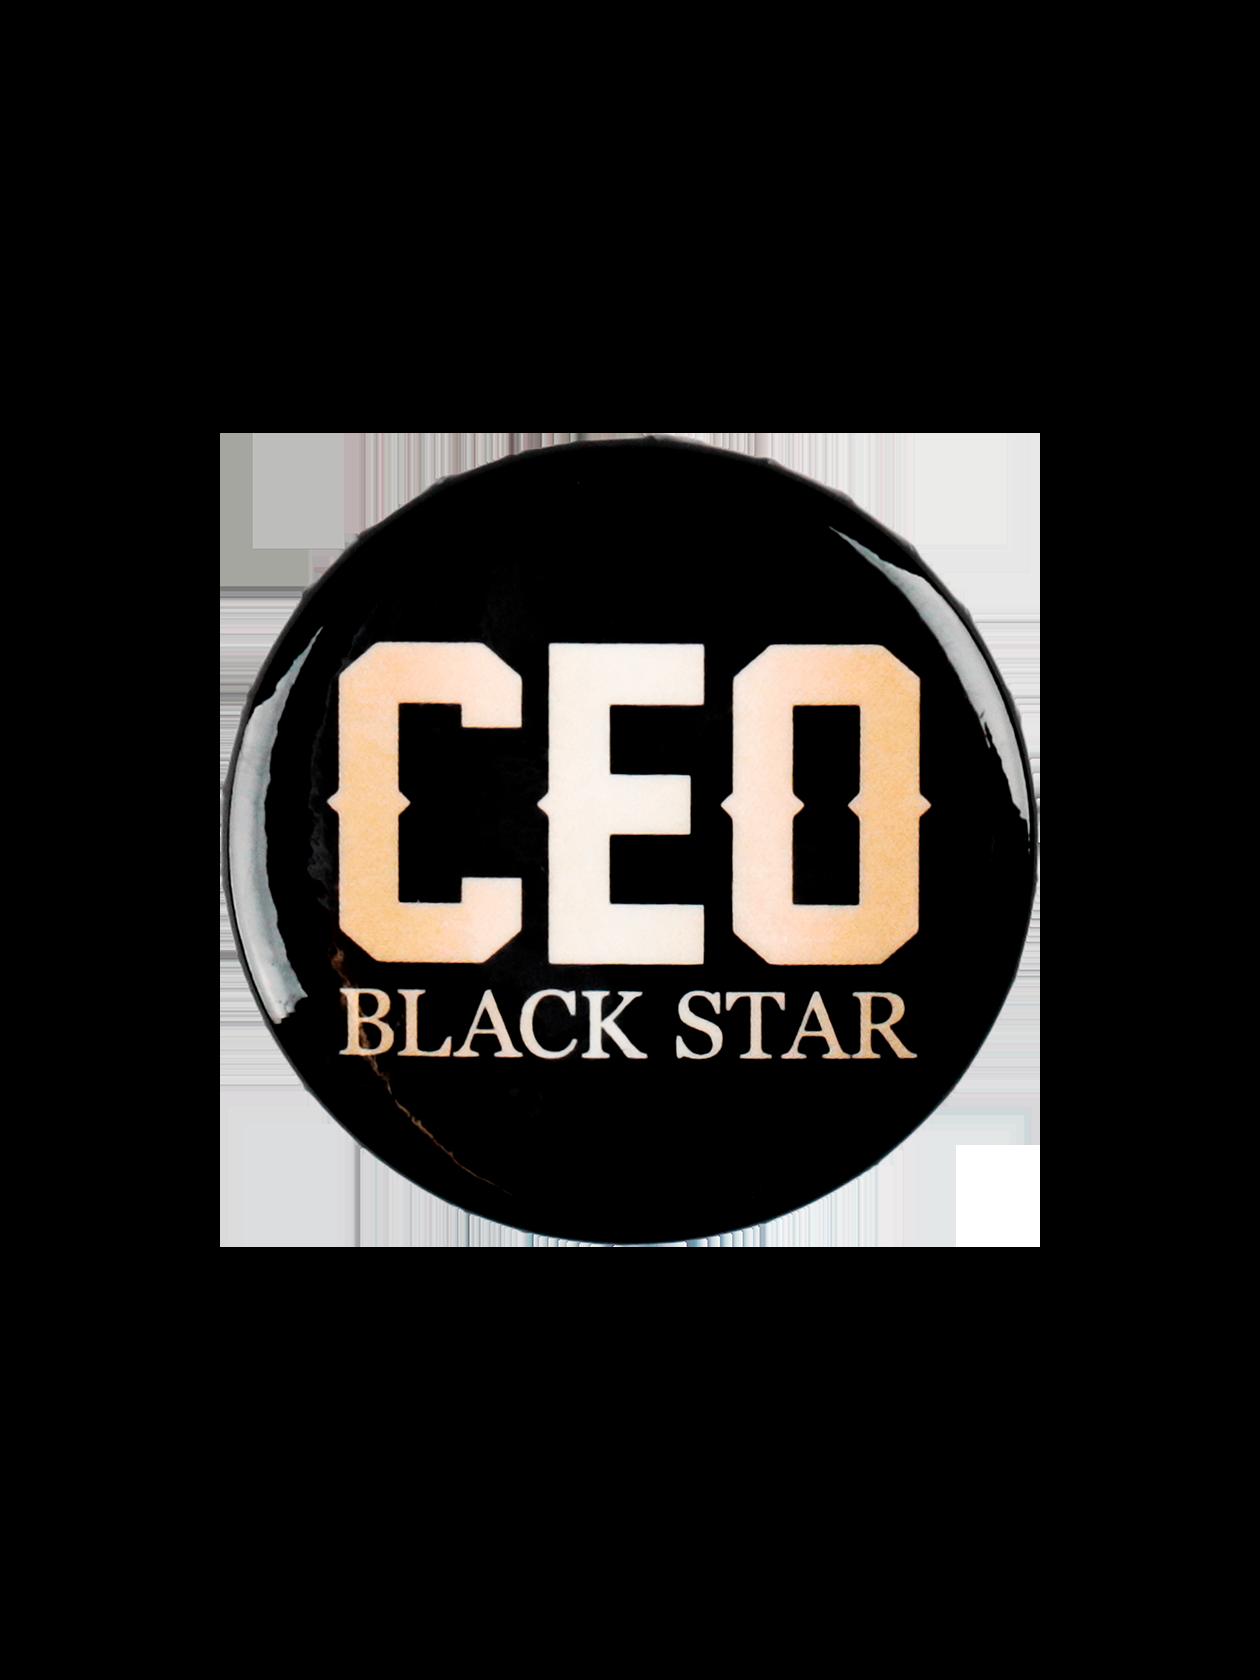 Значок ROYALTY СEOЗначок Royalty Ceo от Black Star Wear – оригинальный аксессуар для индивидуализации своего лука. Изделие традиционной круглой формы с глянцевой поверхностью. В качестве застежки выступает удобная и надежная английская булавка. Модель изготовлена из прочного материала черного цвета, декорирована надписью «Ceo Black Star». Подходит к одежде спортивного и повседневного стиля.<br><br>Размер: Единый размер<br>Цвет: Черный<br>Пол: Унисекс